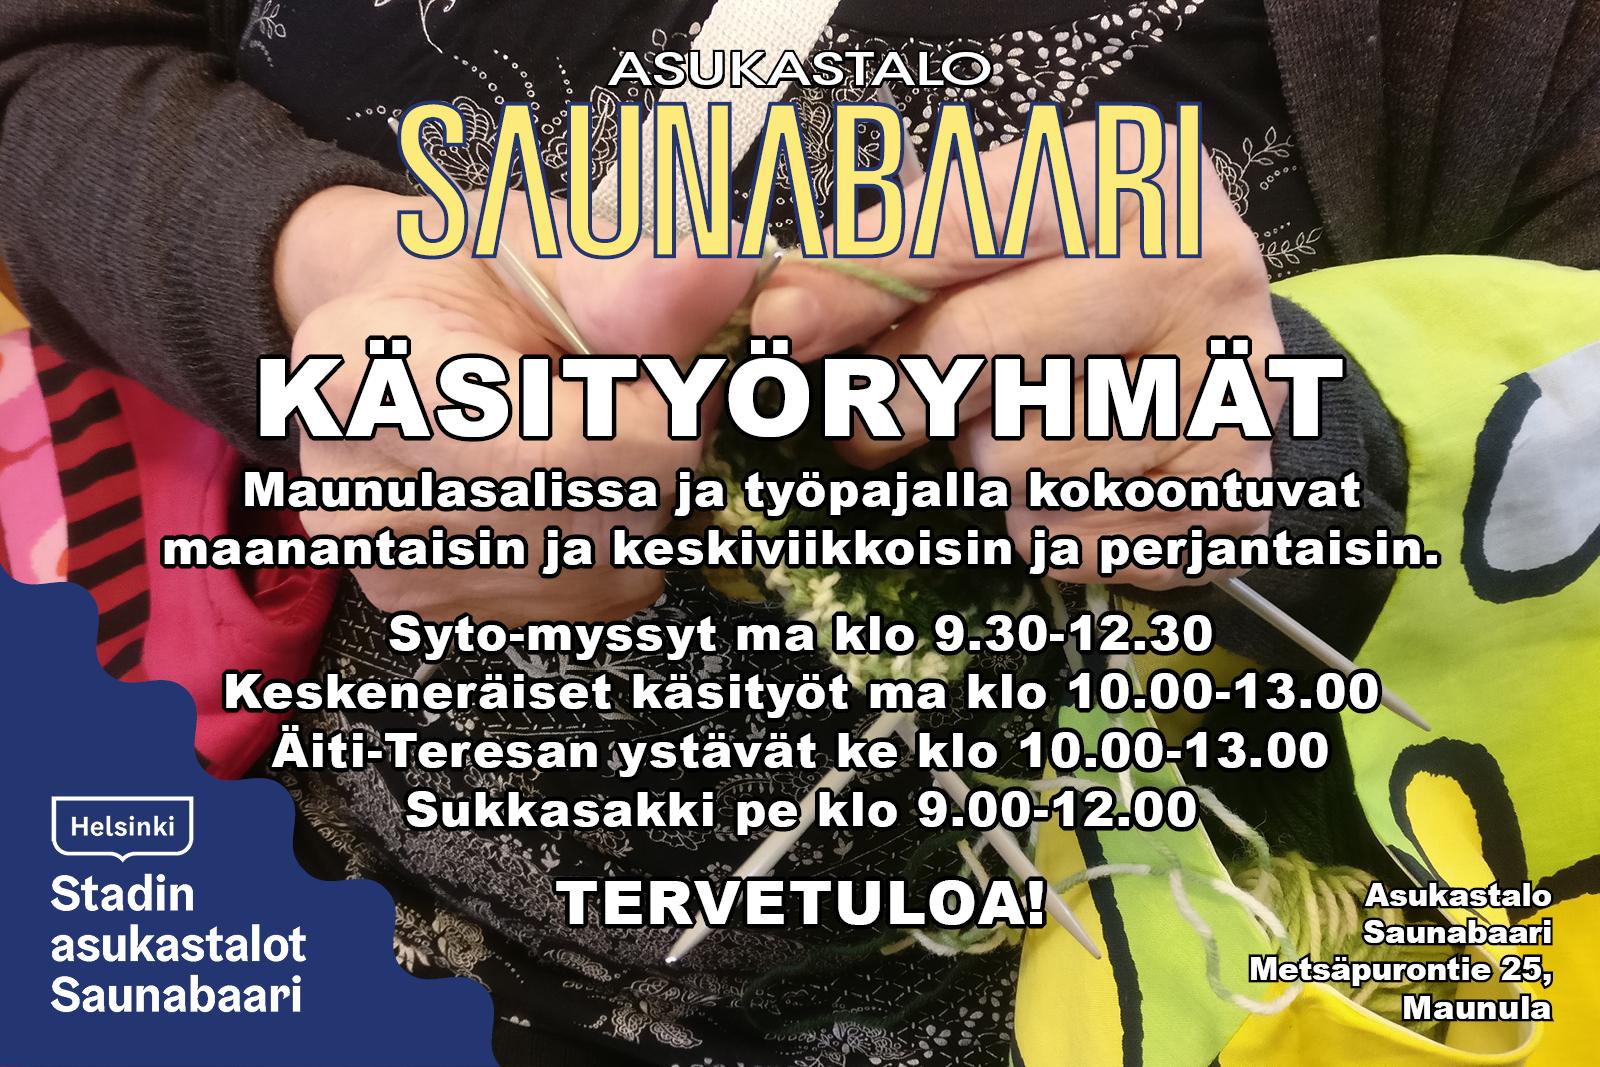 Link to event Asukastalo Saunabaarin käsityöryhmät